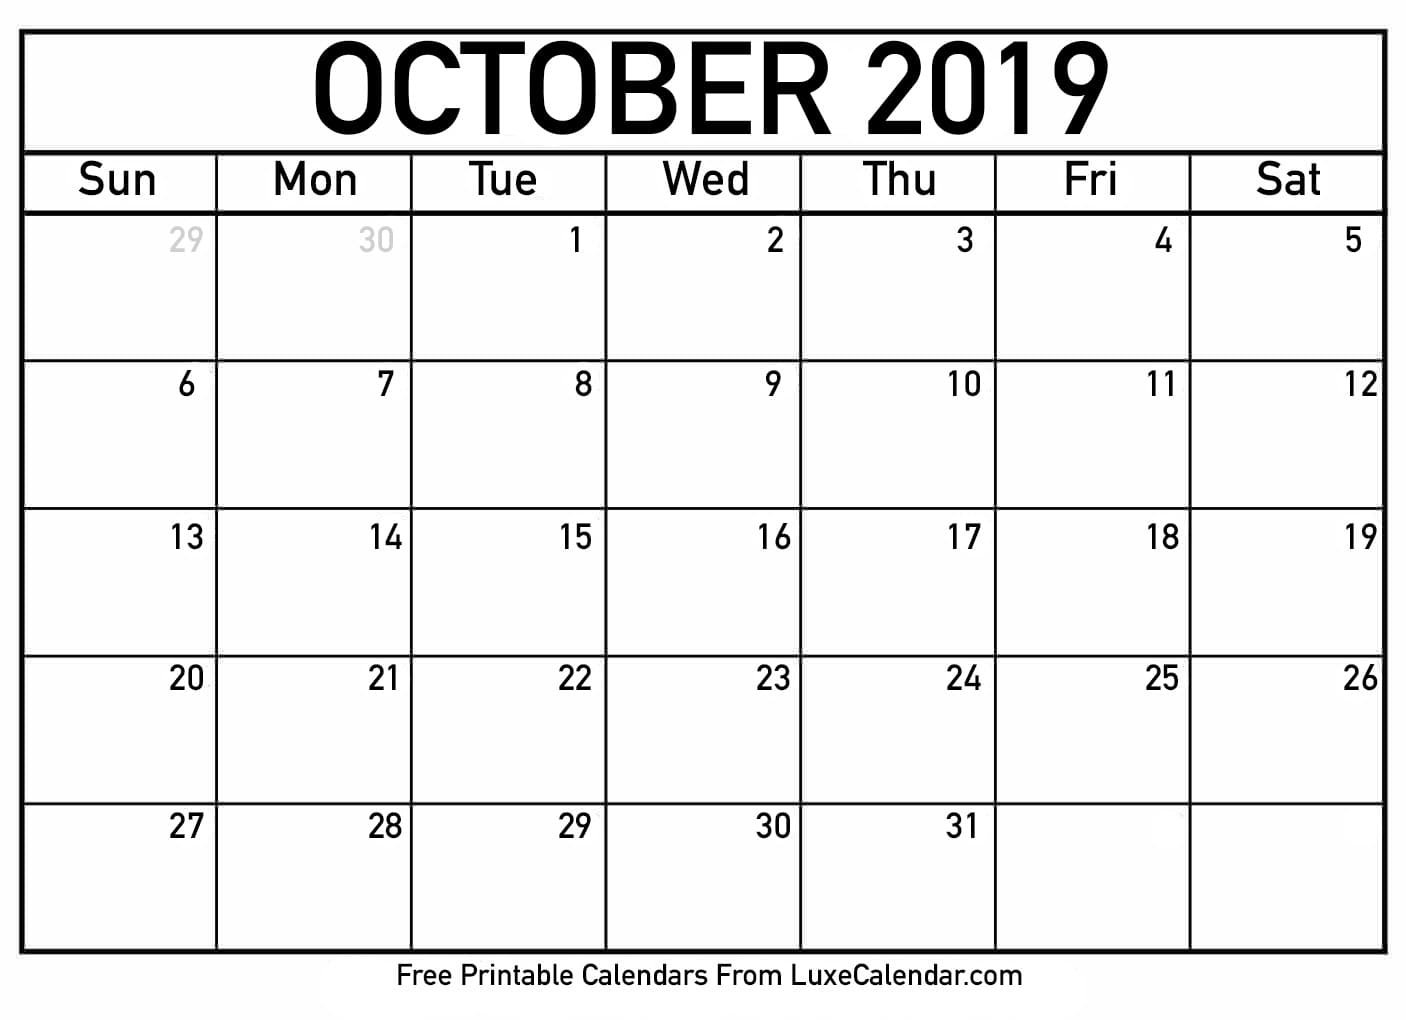 Blank October 2019 Printable Calendar - Luxe Calendar Calendar 2019 Oct